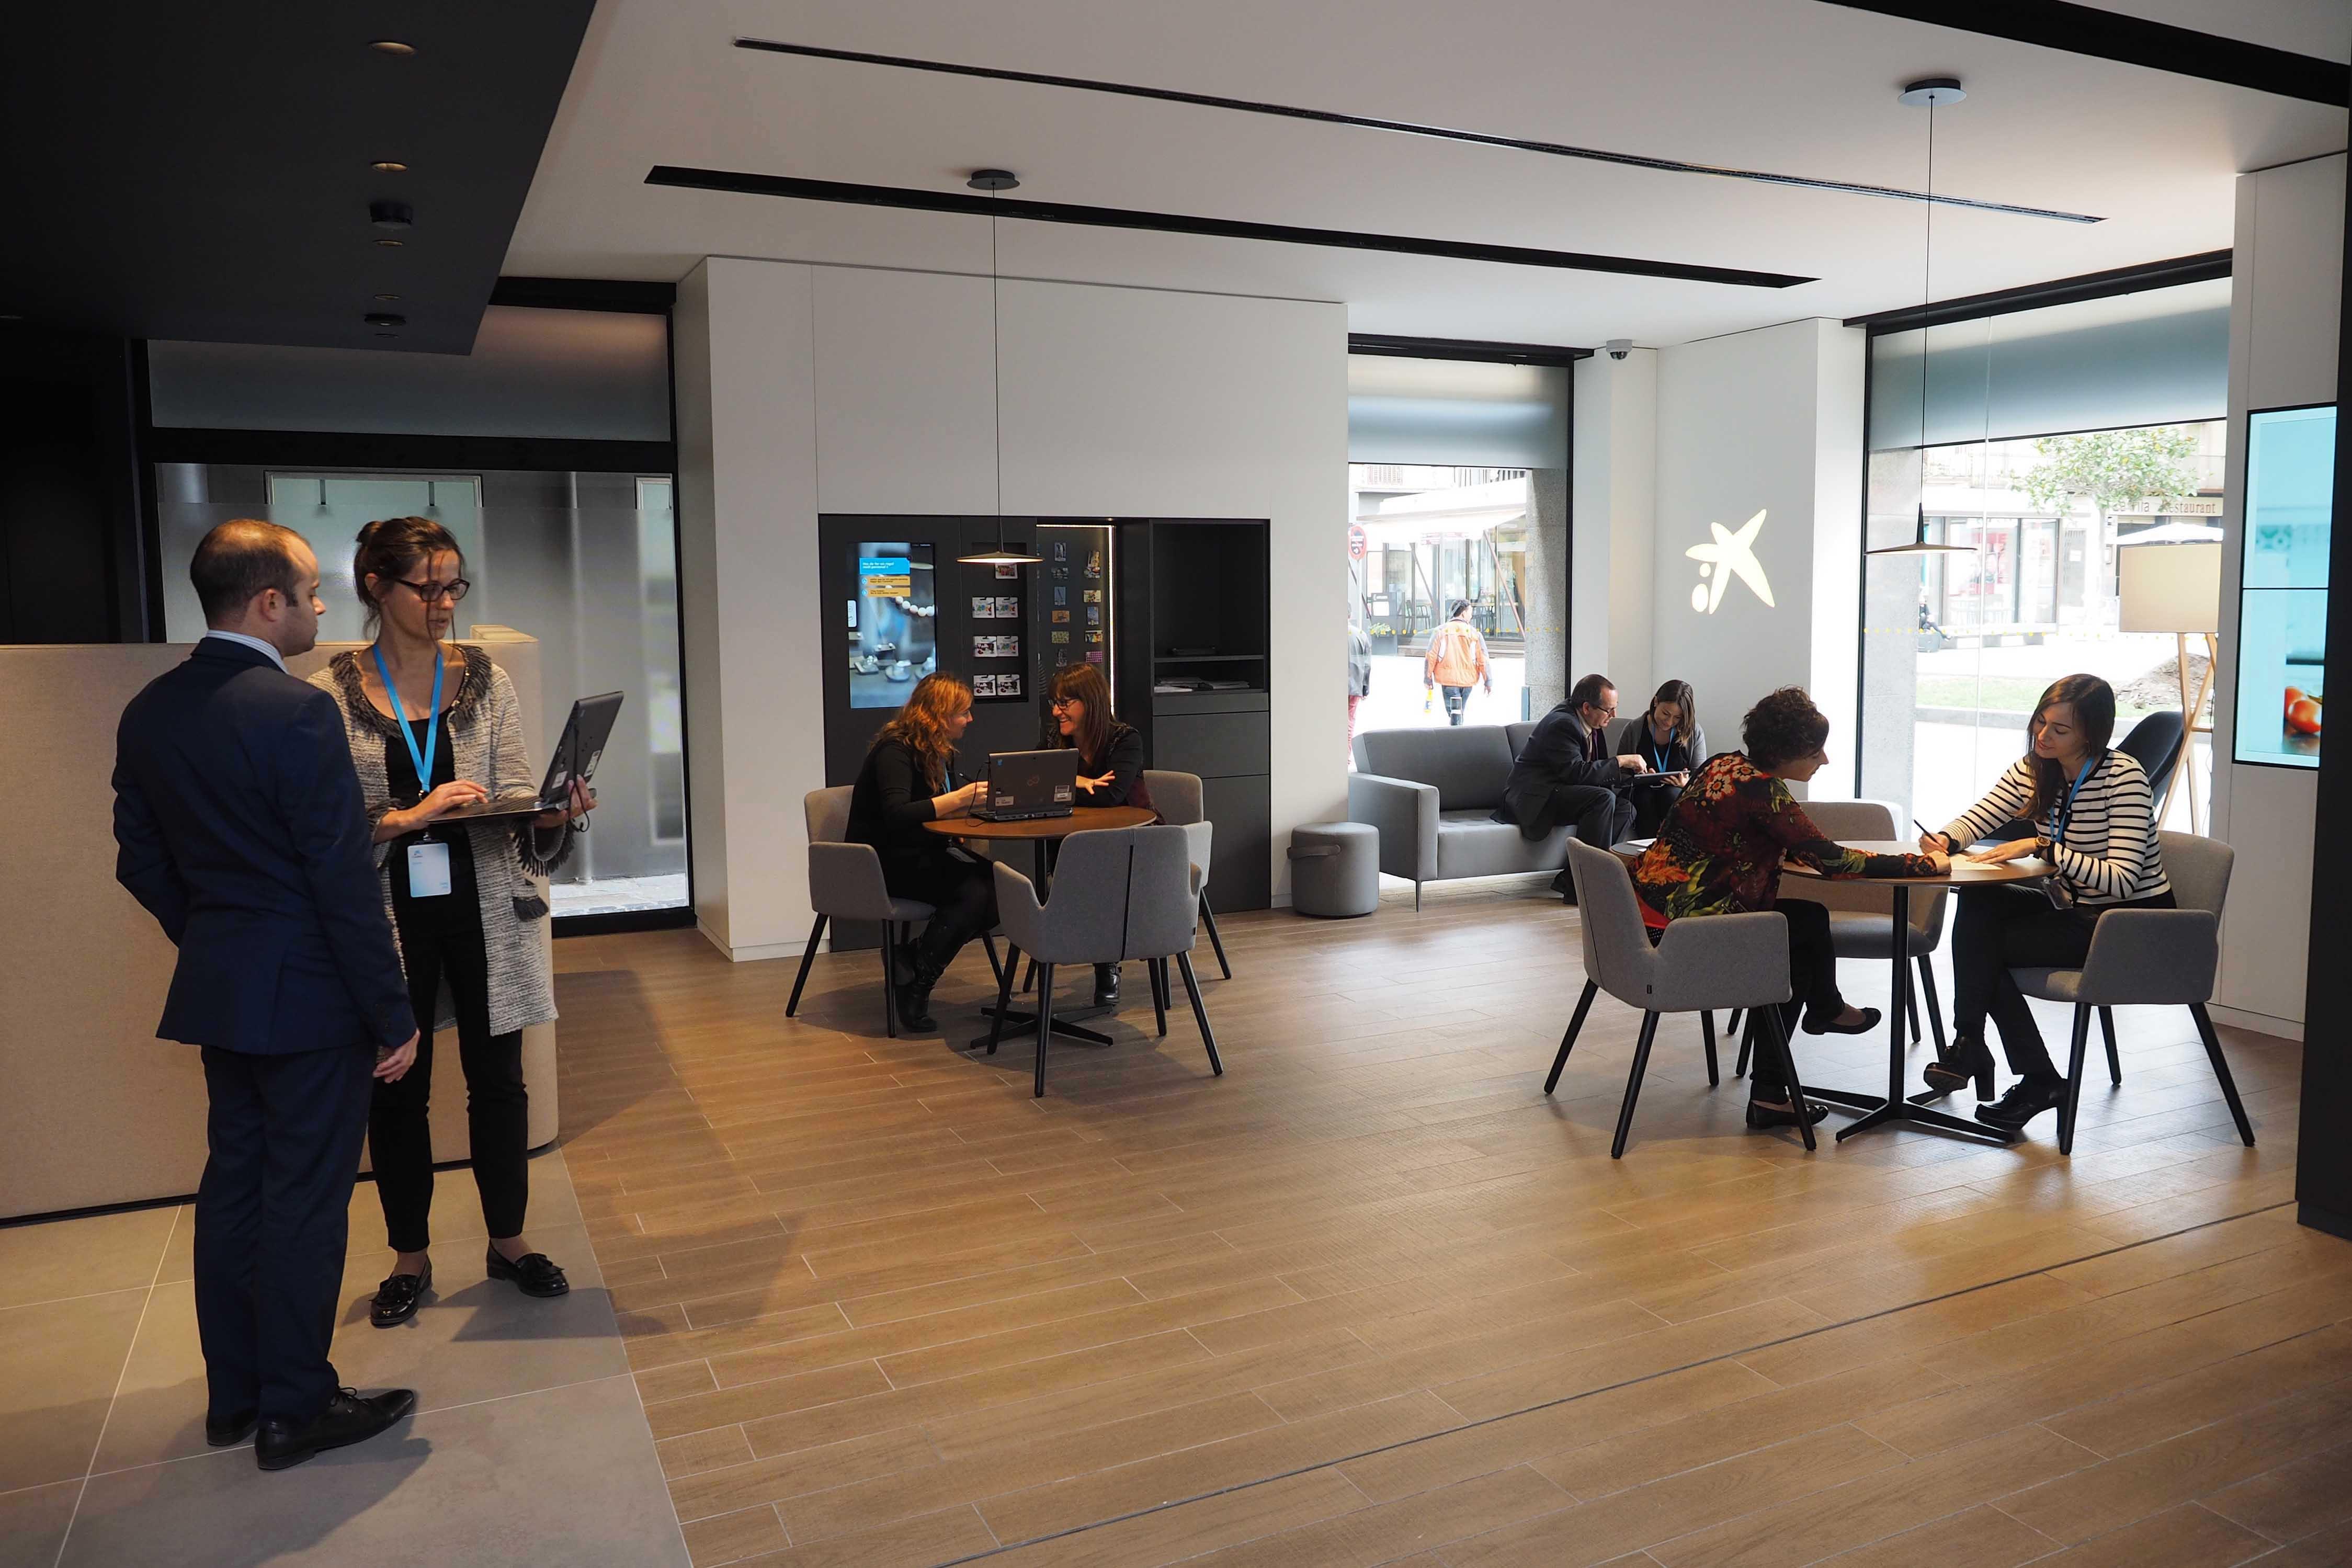 caixabank ha obert a la ciutat d 39 olot una oficina del nou